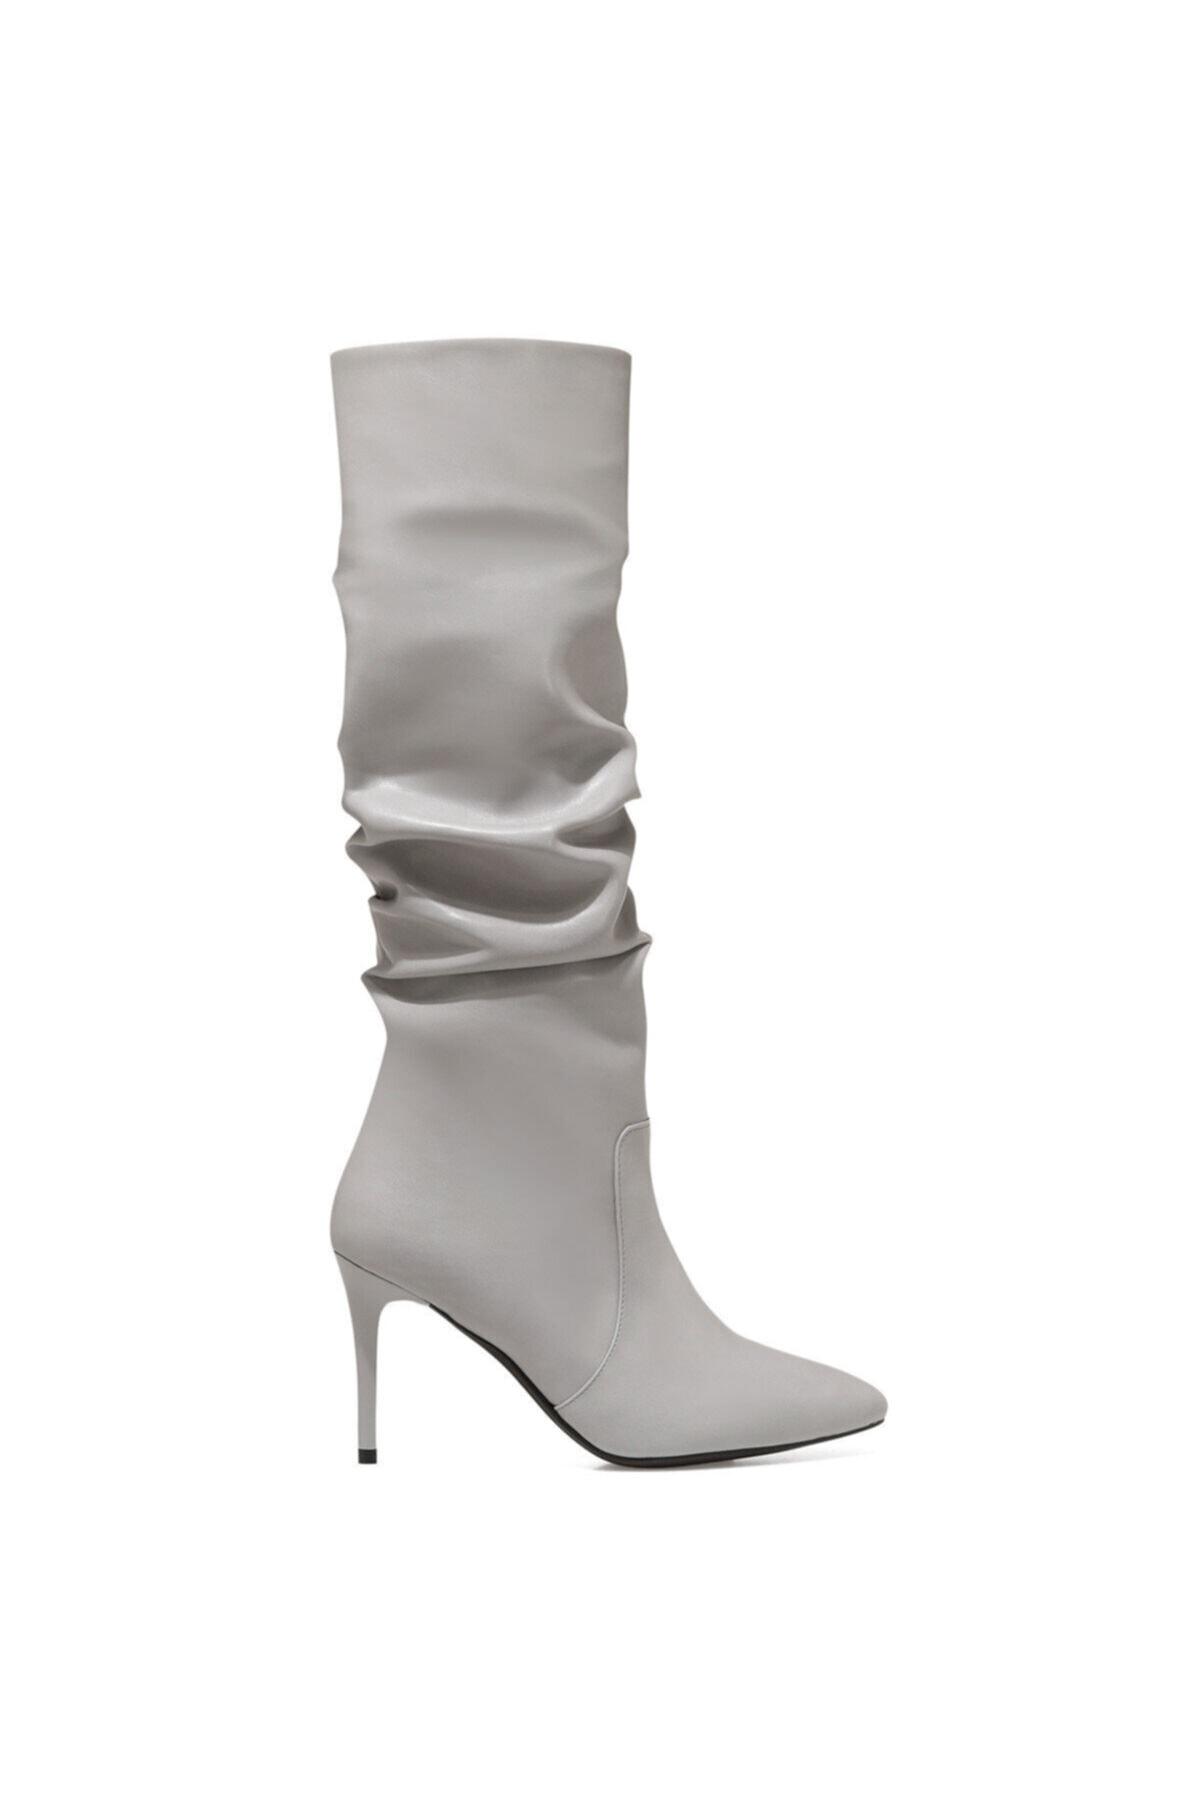 Nine West PINTO Gri Kadın Ökçeli Çizme 100582071 1